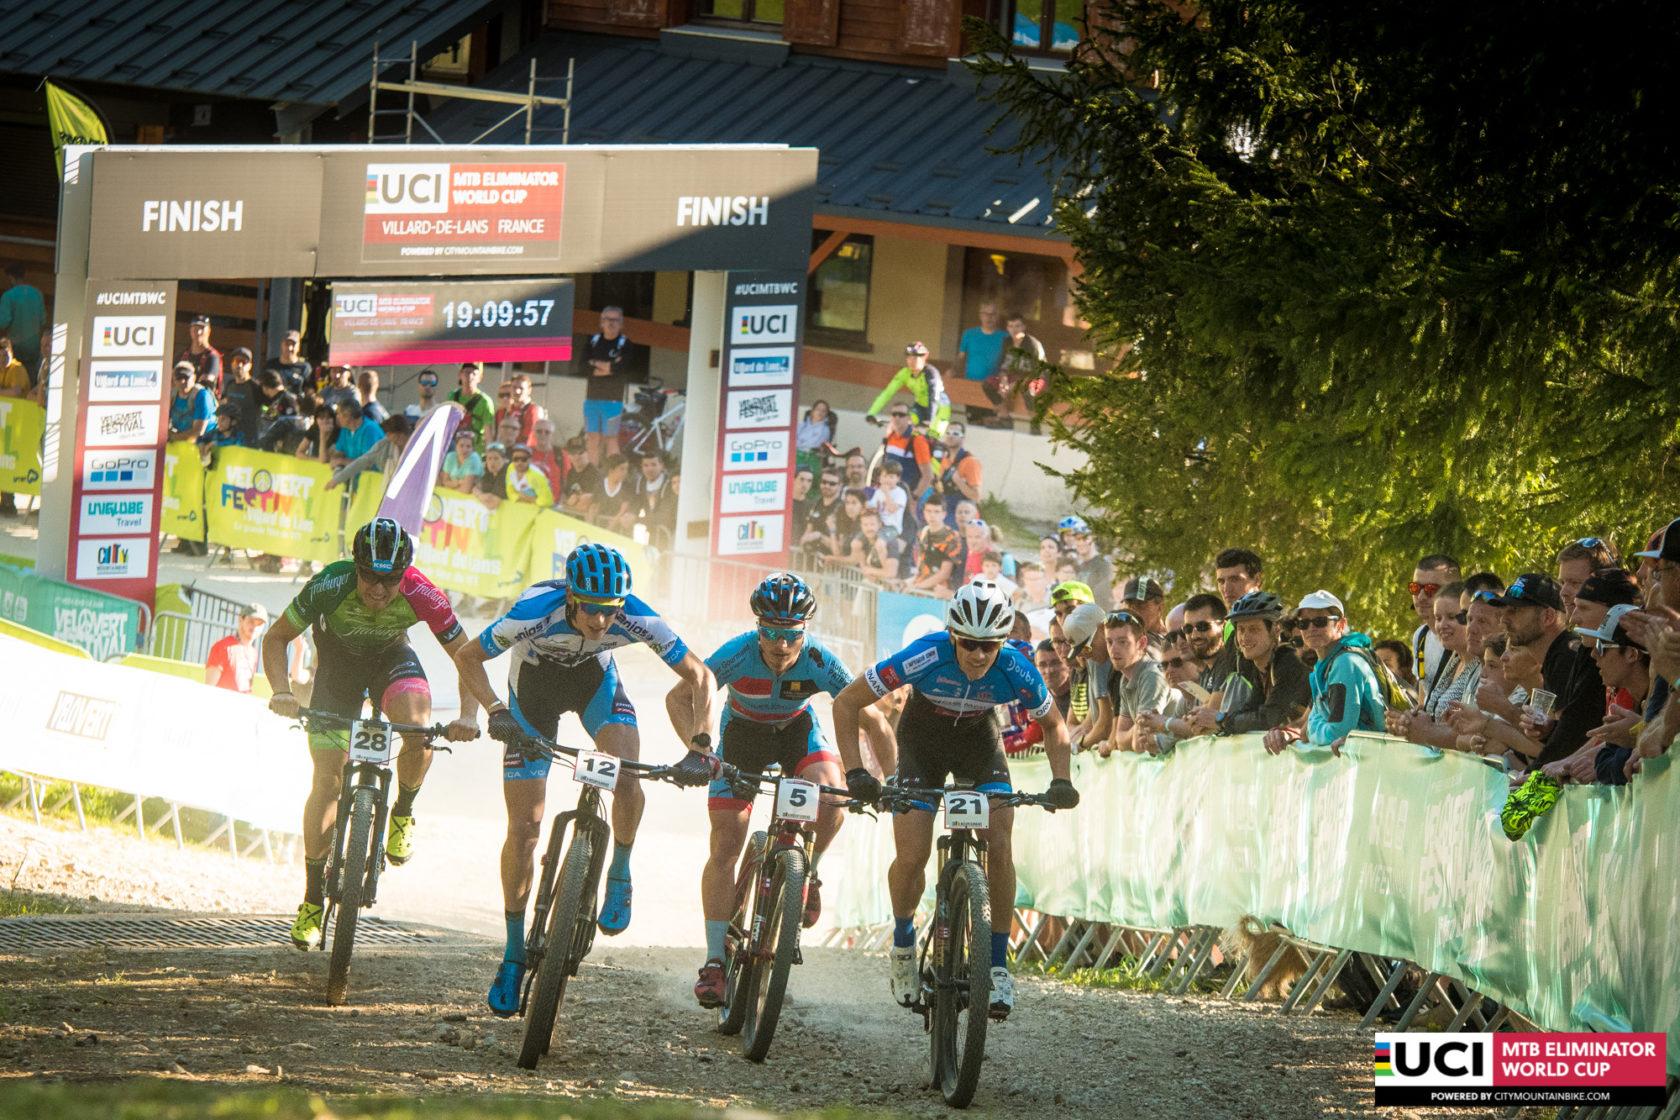 City Mountainbike hosts UCI MTB Eliminator World